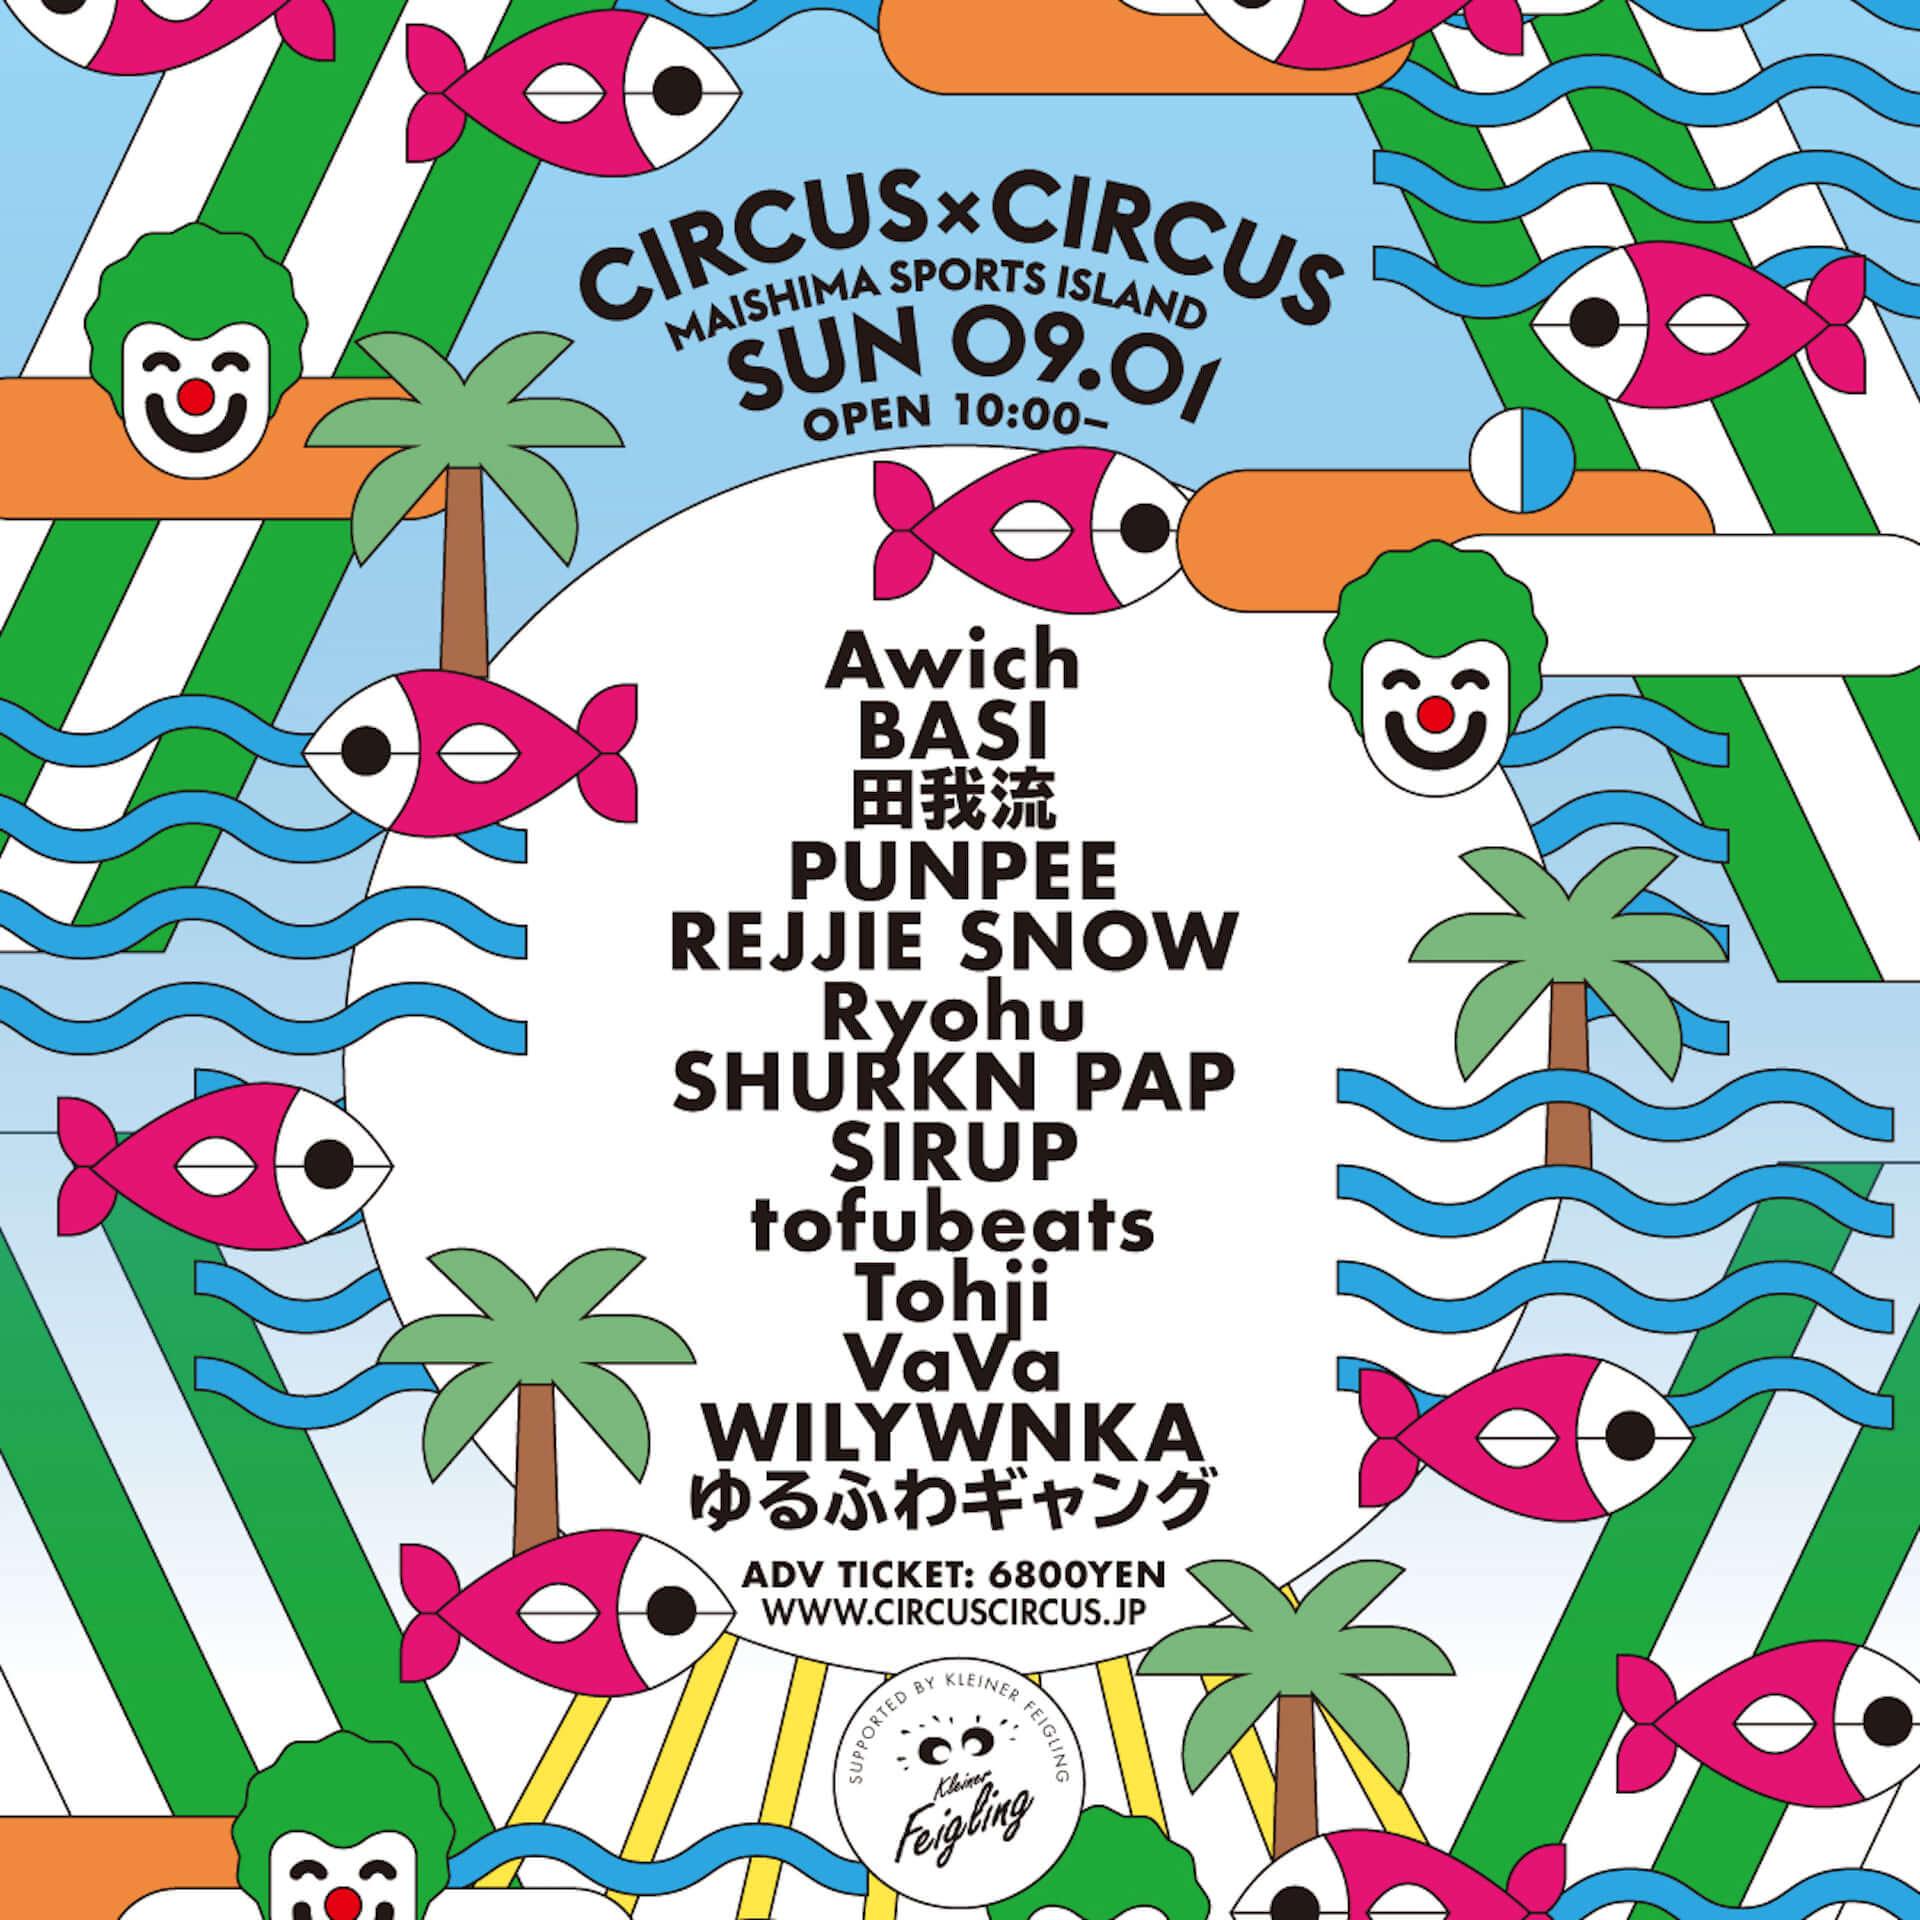 <CIRCUS×CIRCUS>最終メインアーティスト発表|BASI、VaVa、Ryohuが参加決定! music190722_circus_circus_3-1920x1920